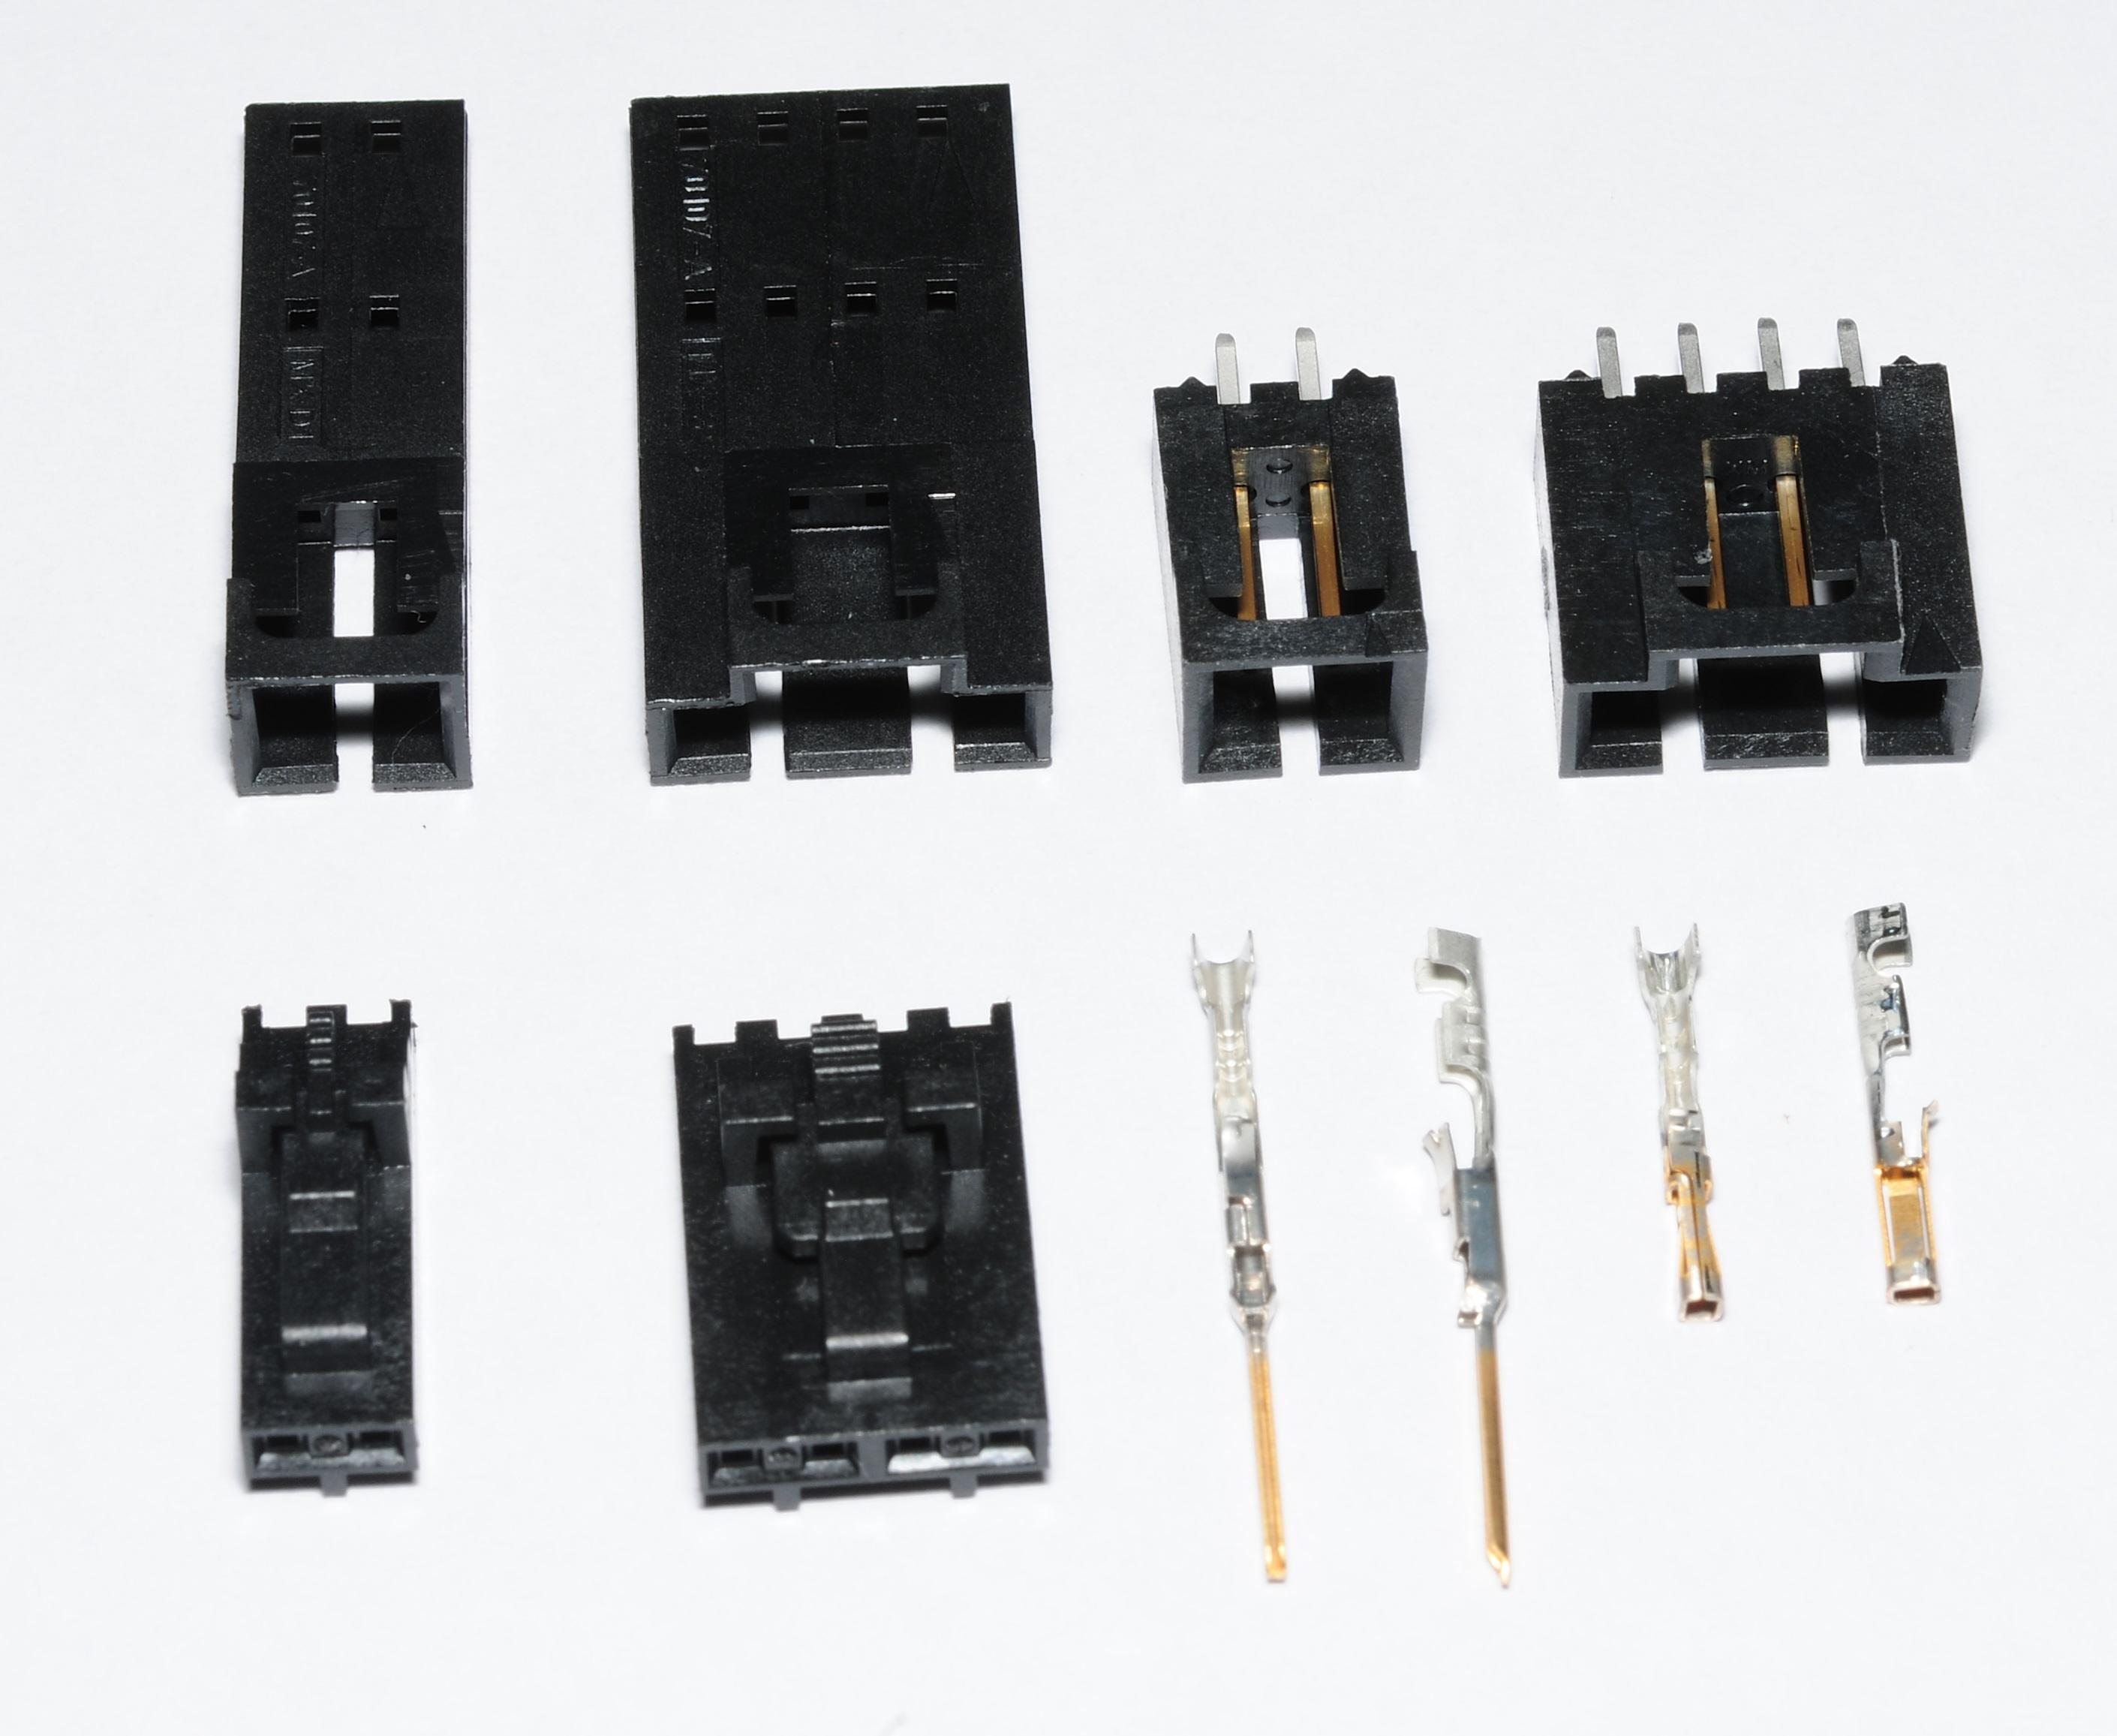 Molex SL terminals and connectors